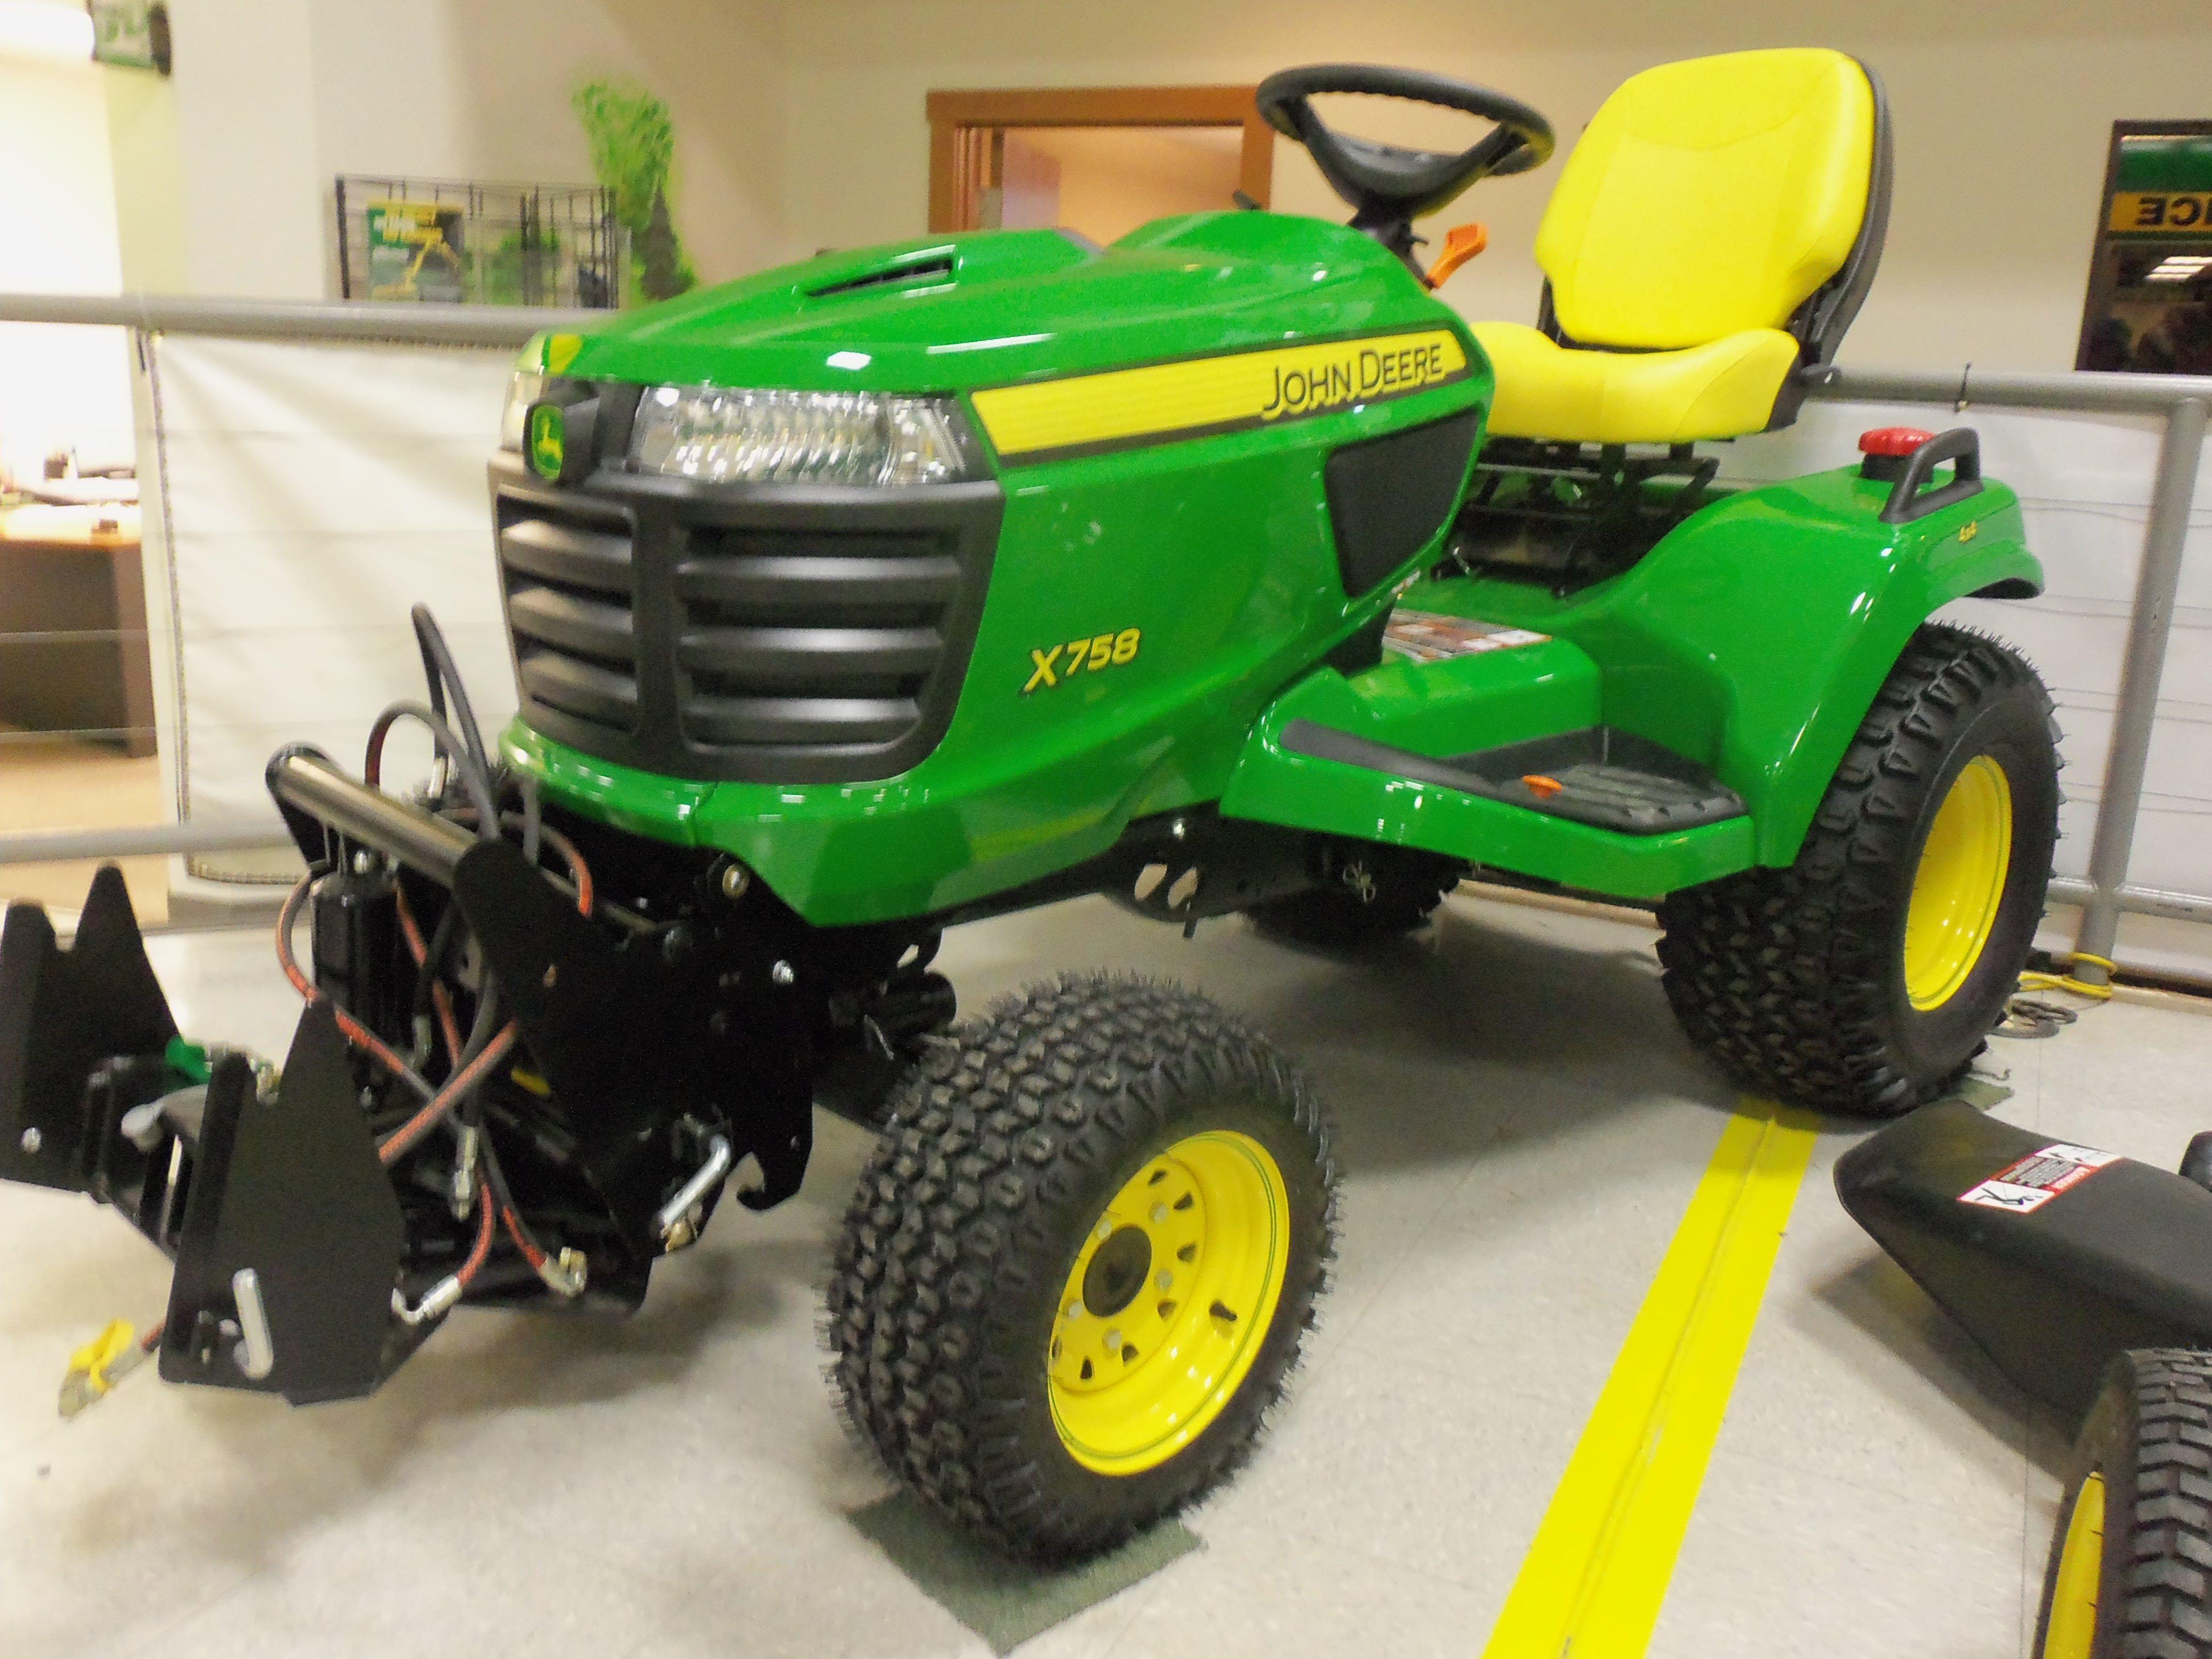 John Deere X758 garden tractor.24hp,60,cid diesel,1,258 lbs from